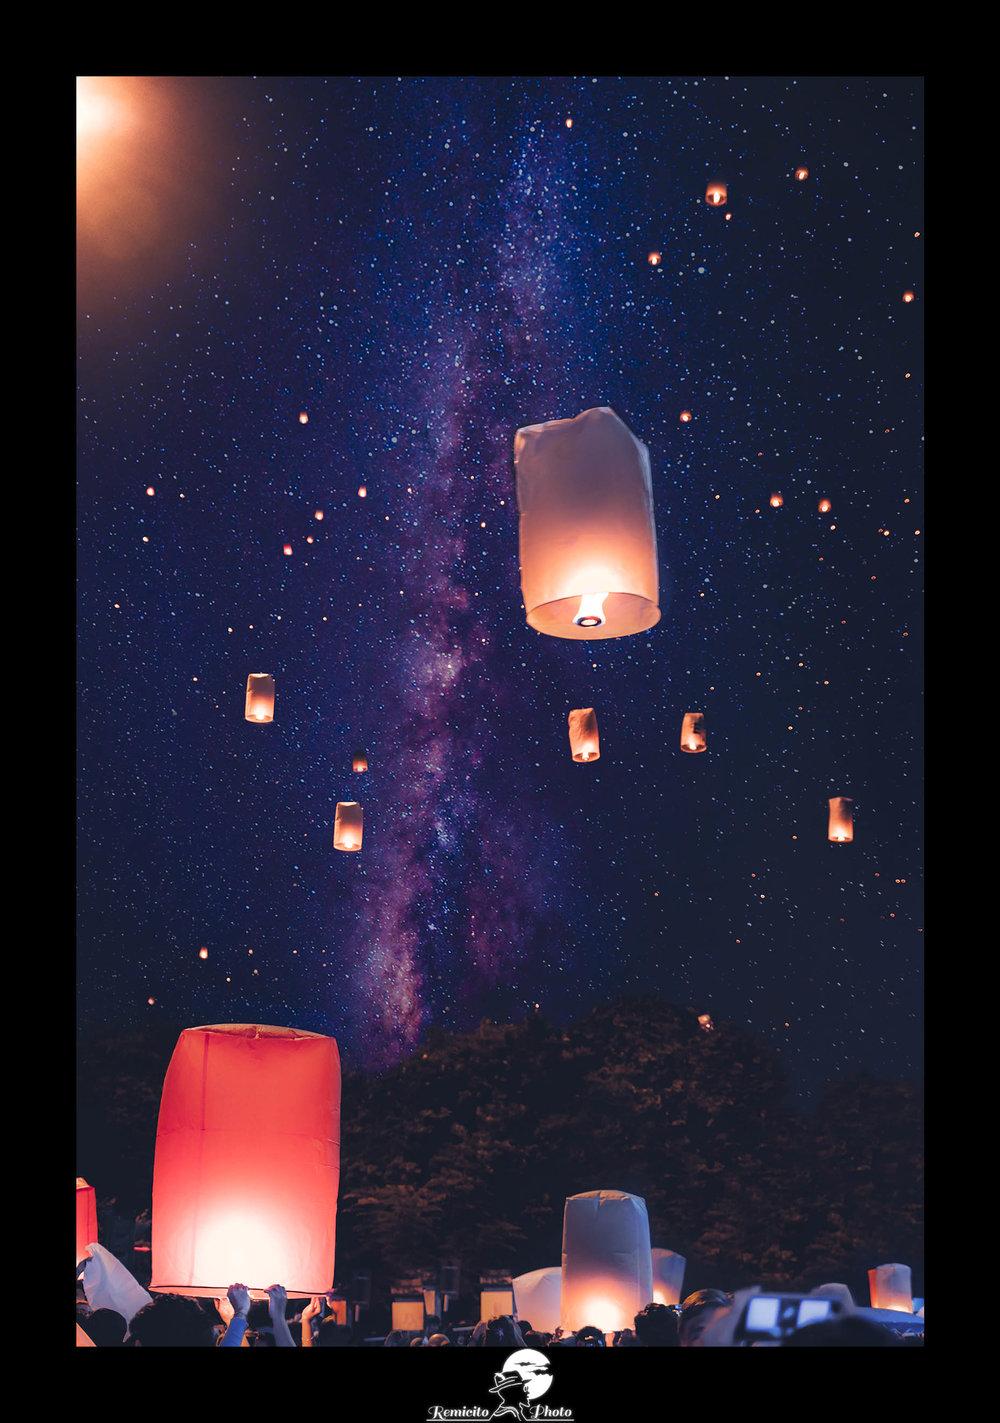 remicito photo, remicito, photo du jour, image du jour, lanternes ciel, lanternes thaïlande, photo jour de l'an, new year's eve, belle photo